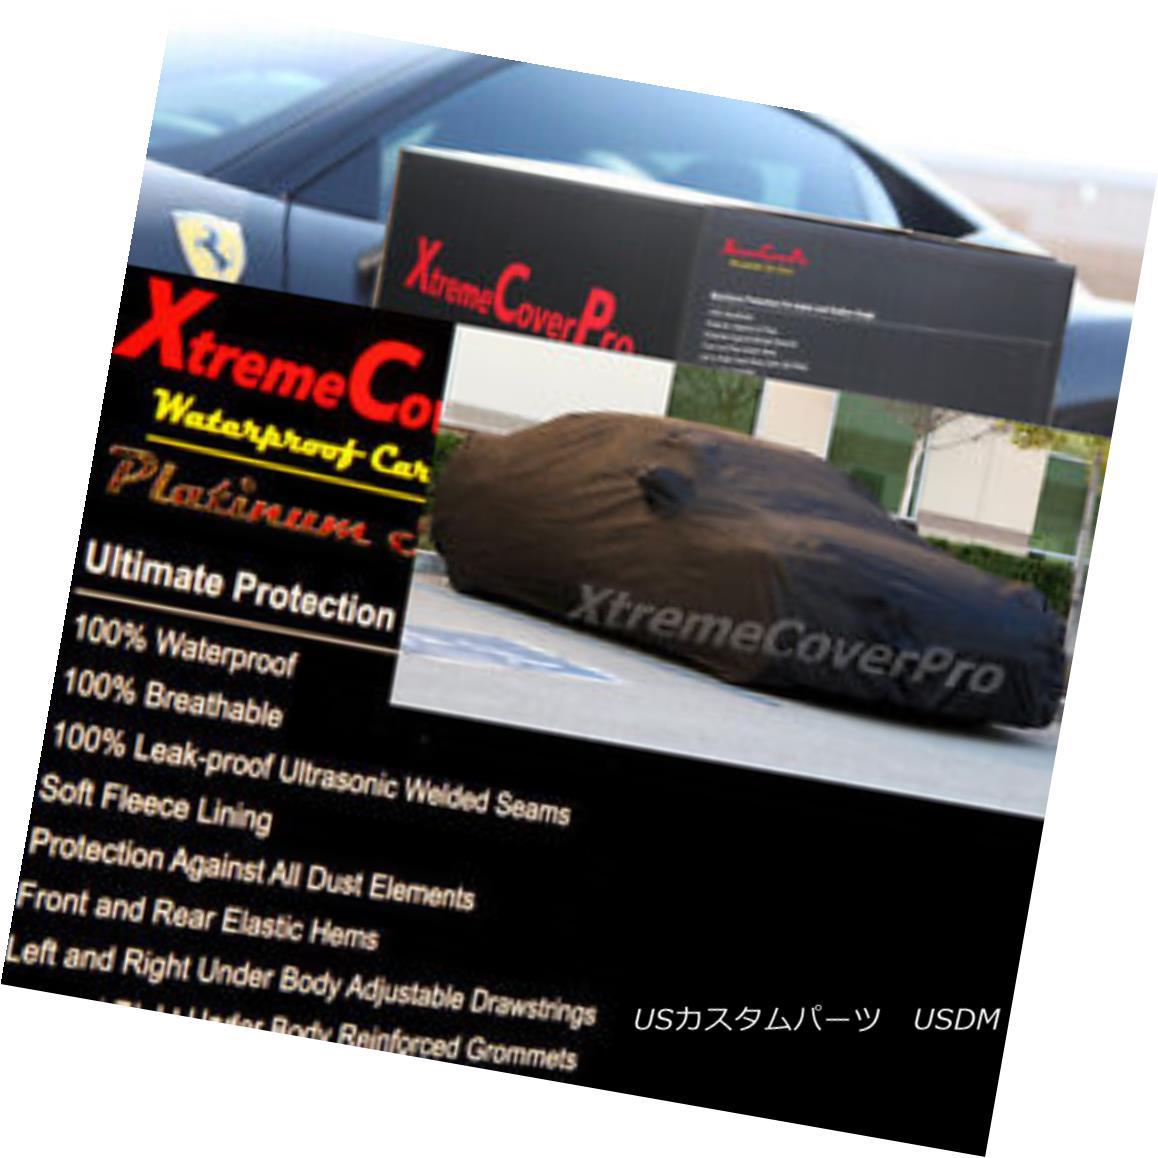 カーカバー 2015 JAGUAR XJ Waterproof Car Cover w/Mirror Pockets - Black 2015 JAGUAR XJ防水カーカバー(ミラーポケット付) - ブラック